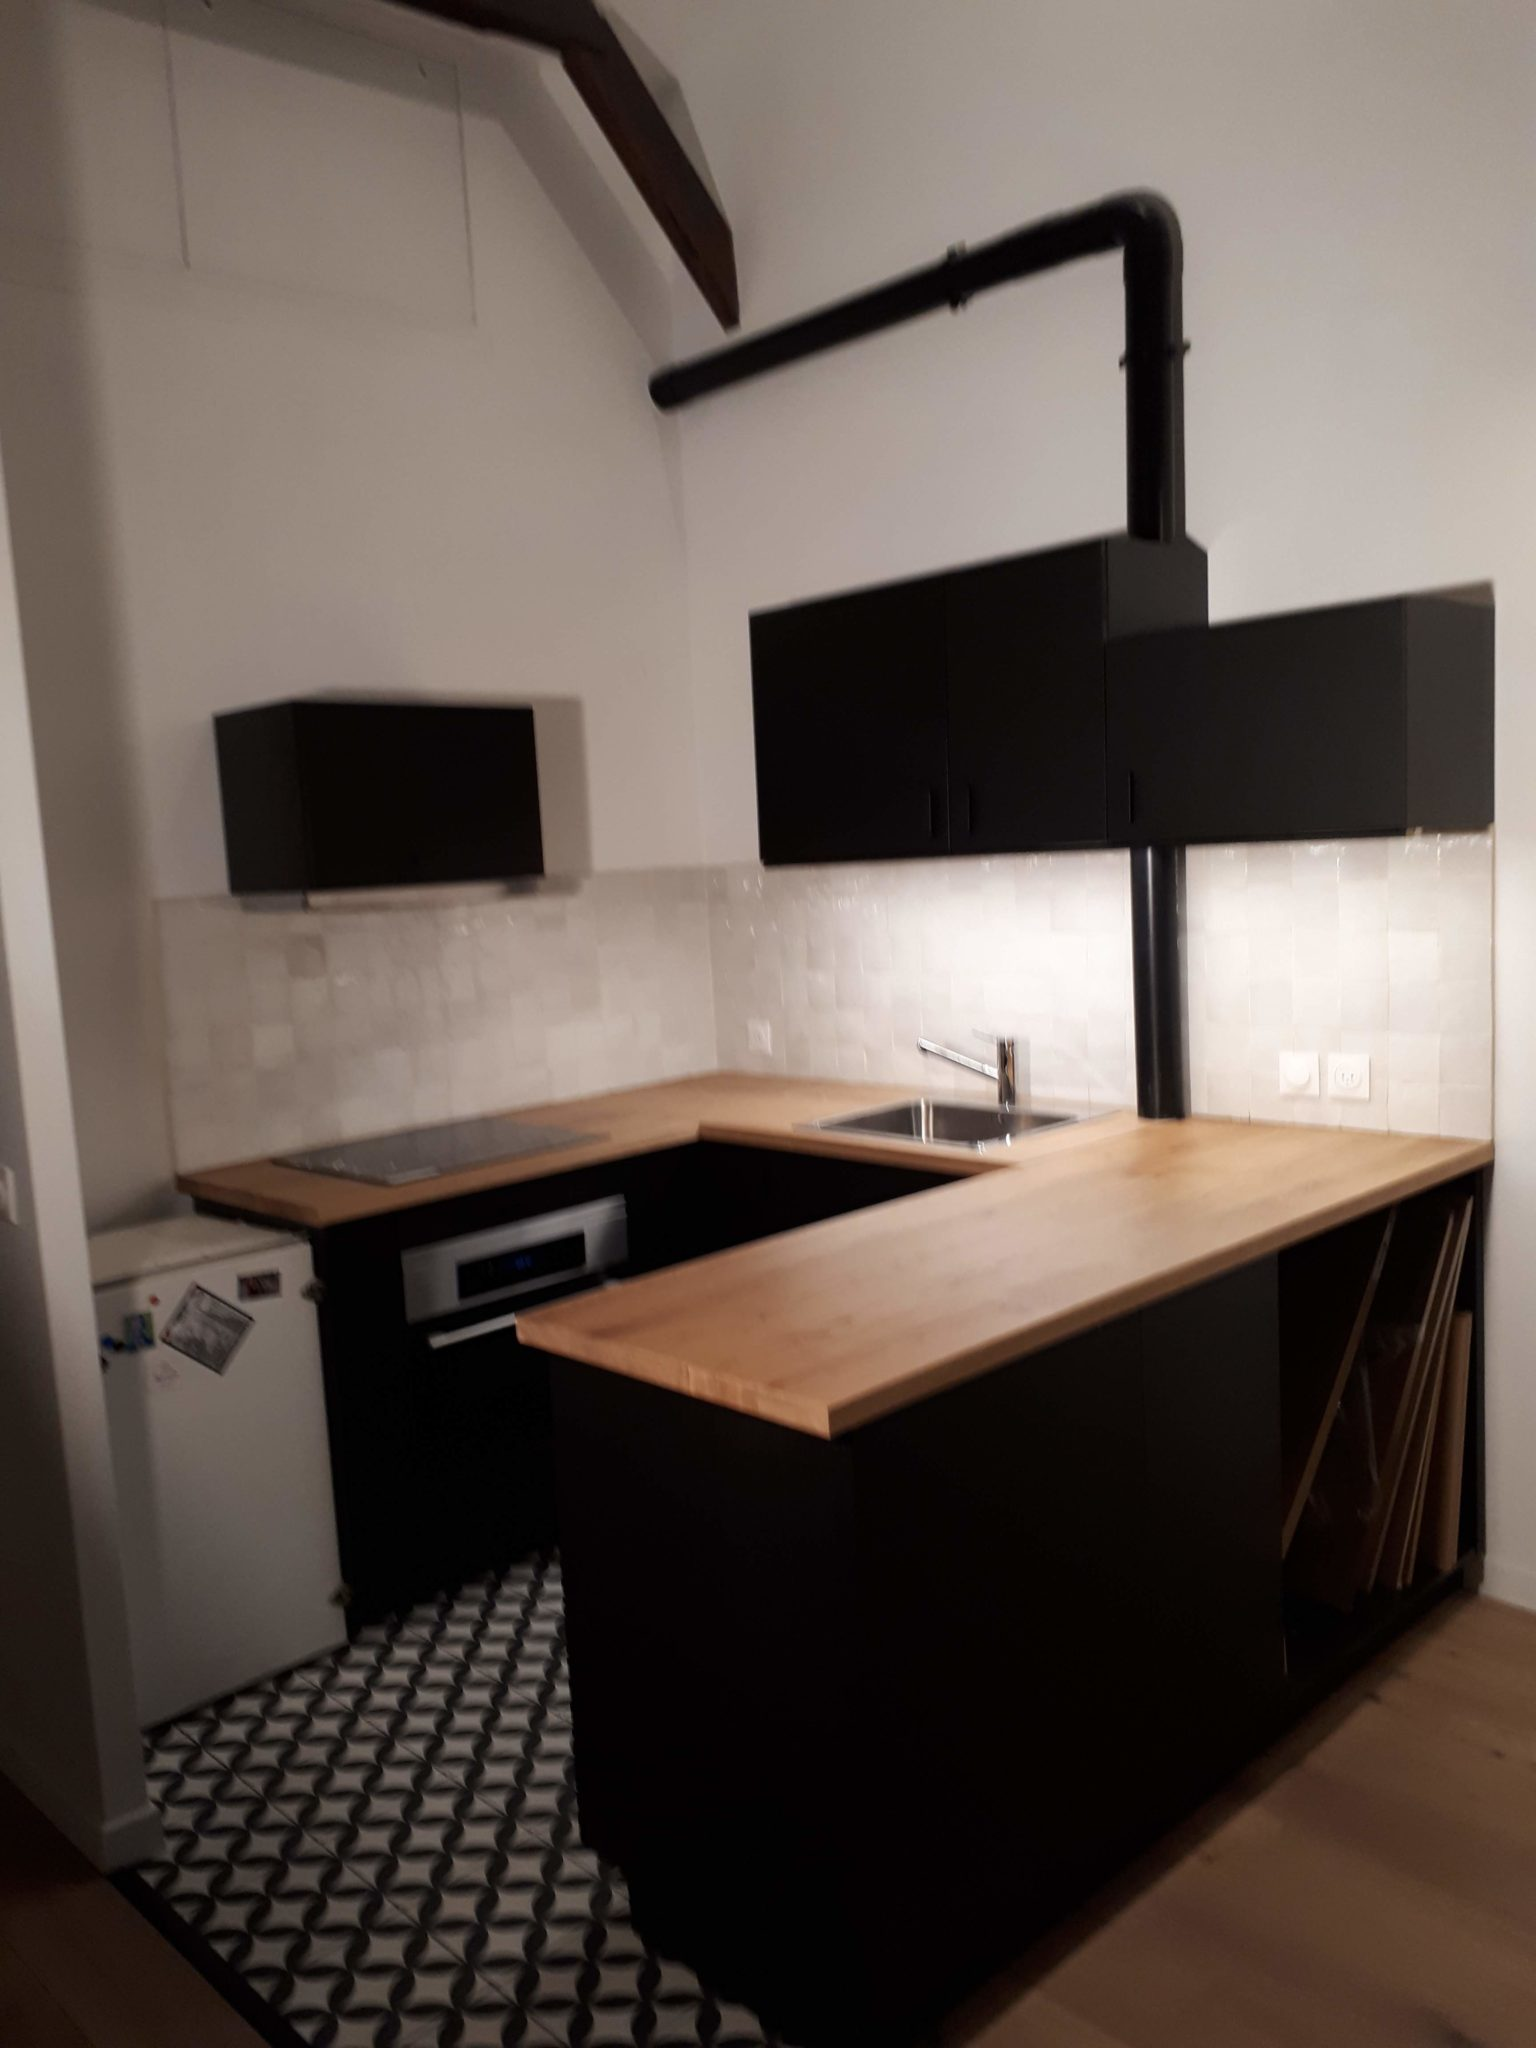 Cuisine Paris 14ème. carreaux de ciment en damier, plan chêne, meubles noirs